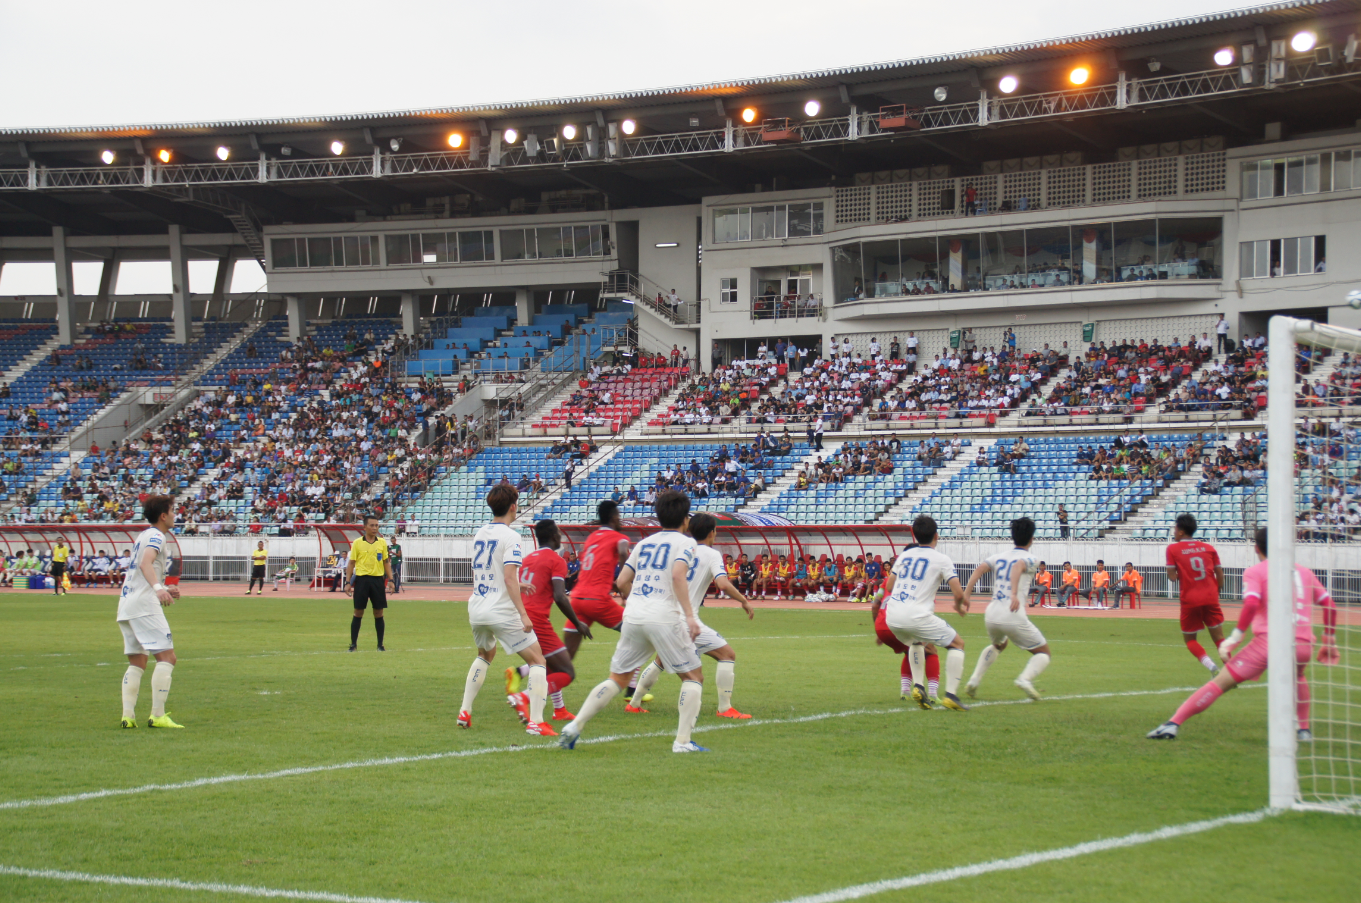 포항스틸러스와 미얀마 프로축구단이 친선경기를 하고 있는 모습